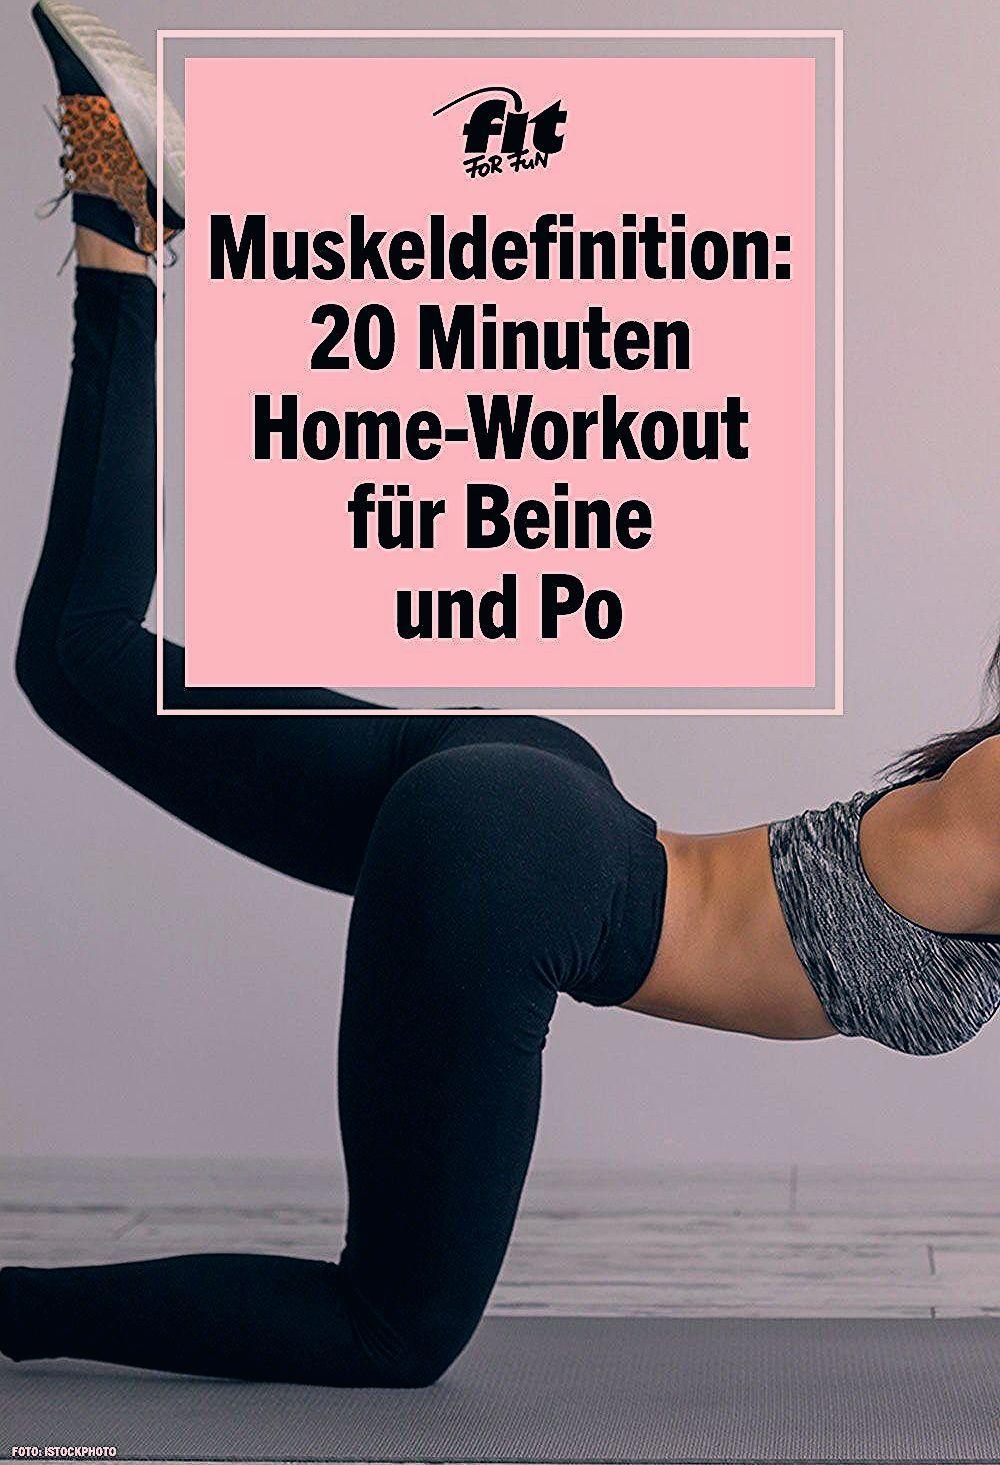 Muskeldefinition: 20 Minuten Homeworkout für Beine und Po mit MadFit